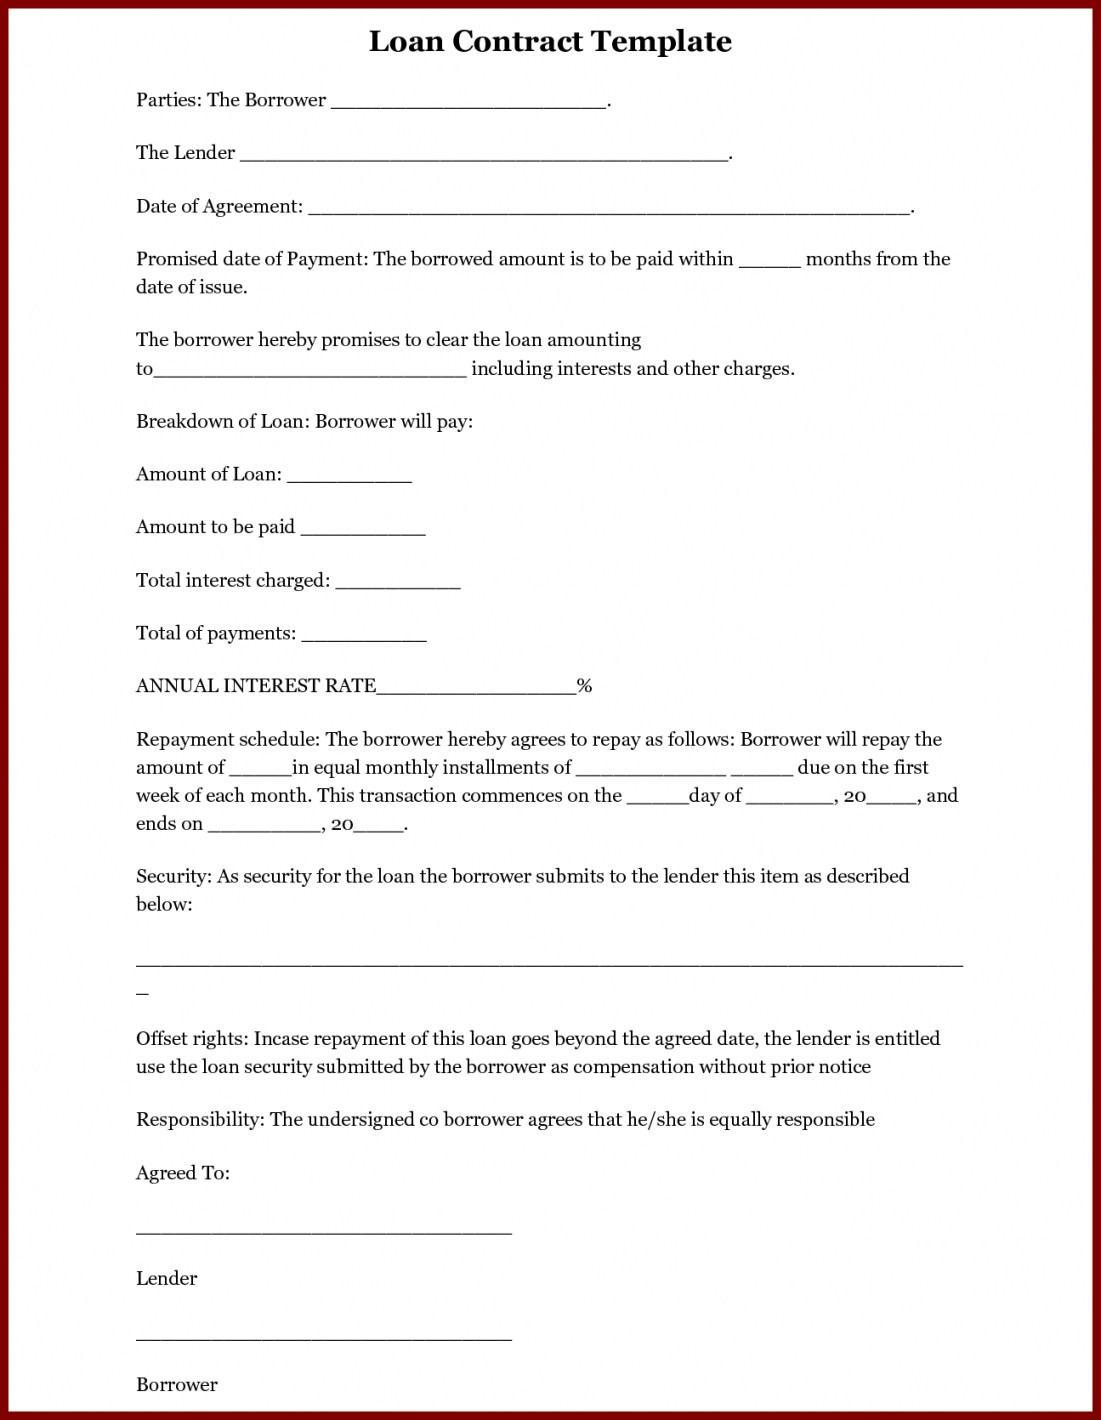 Employee Loan Promissory Note Template